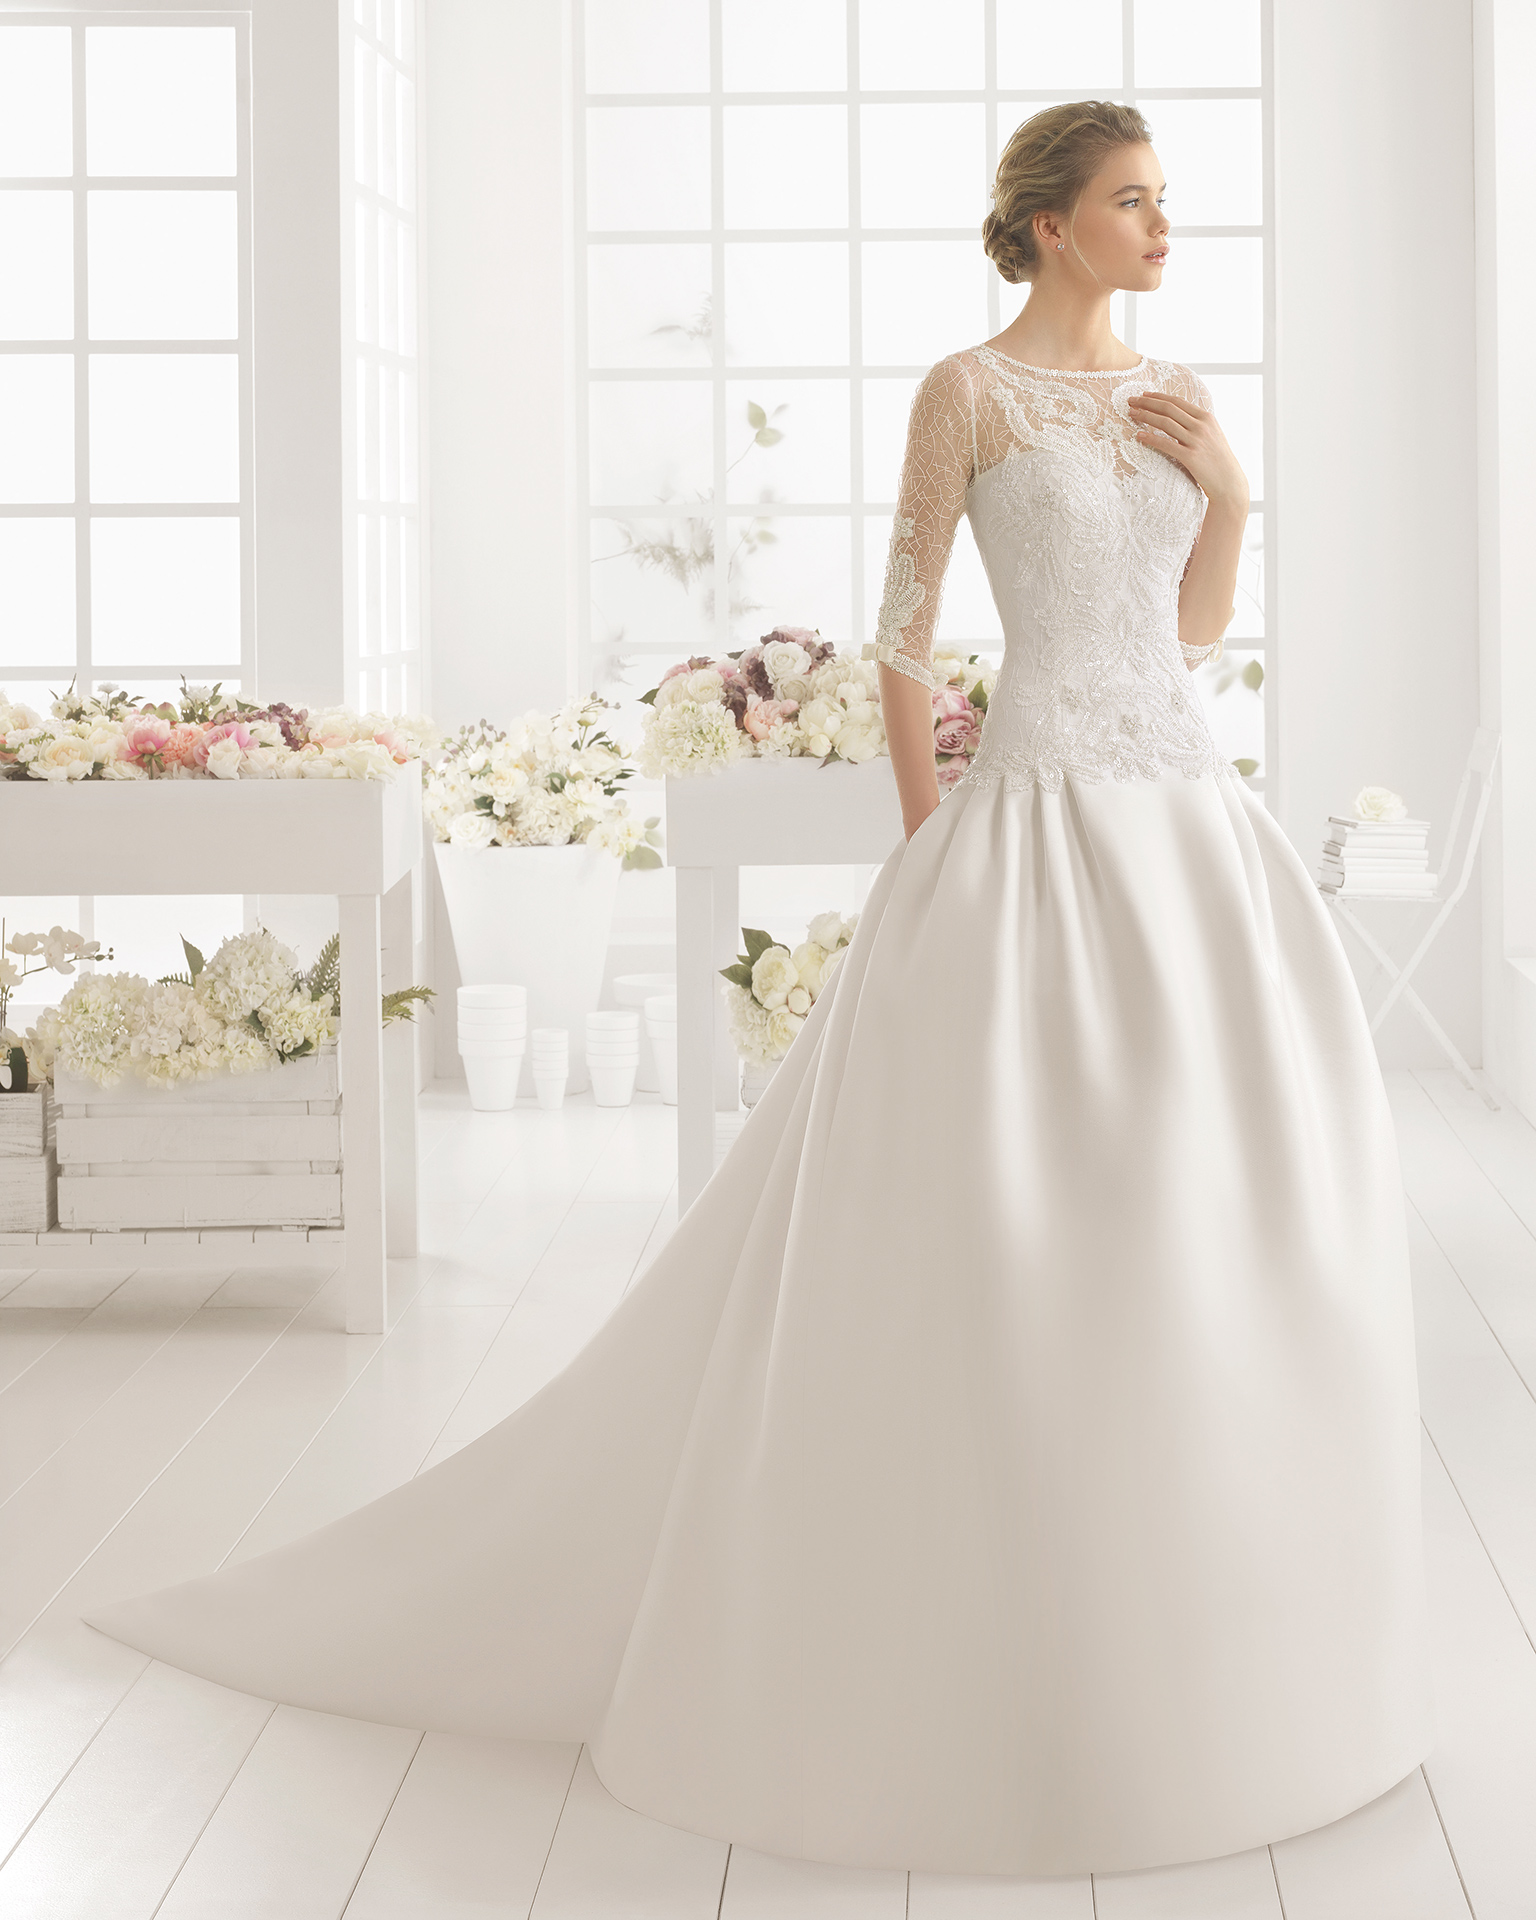 vestido novia con cola en mikado